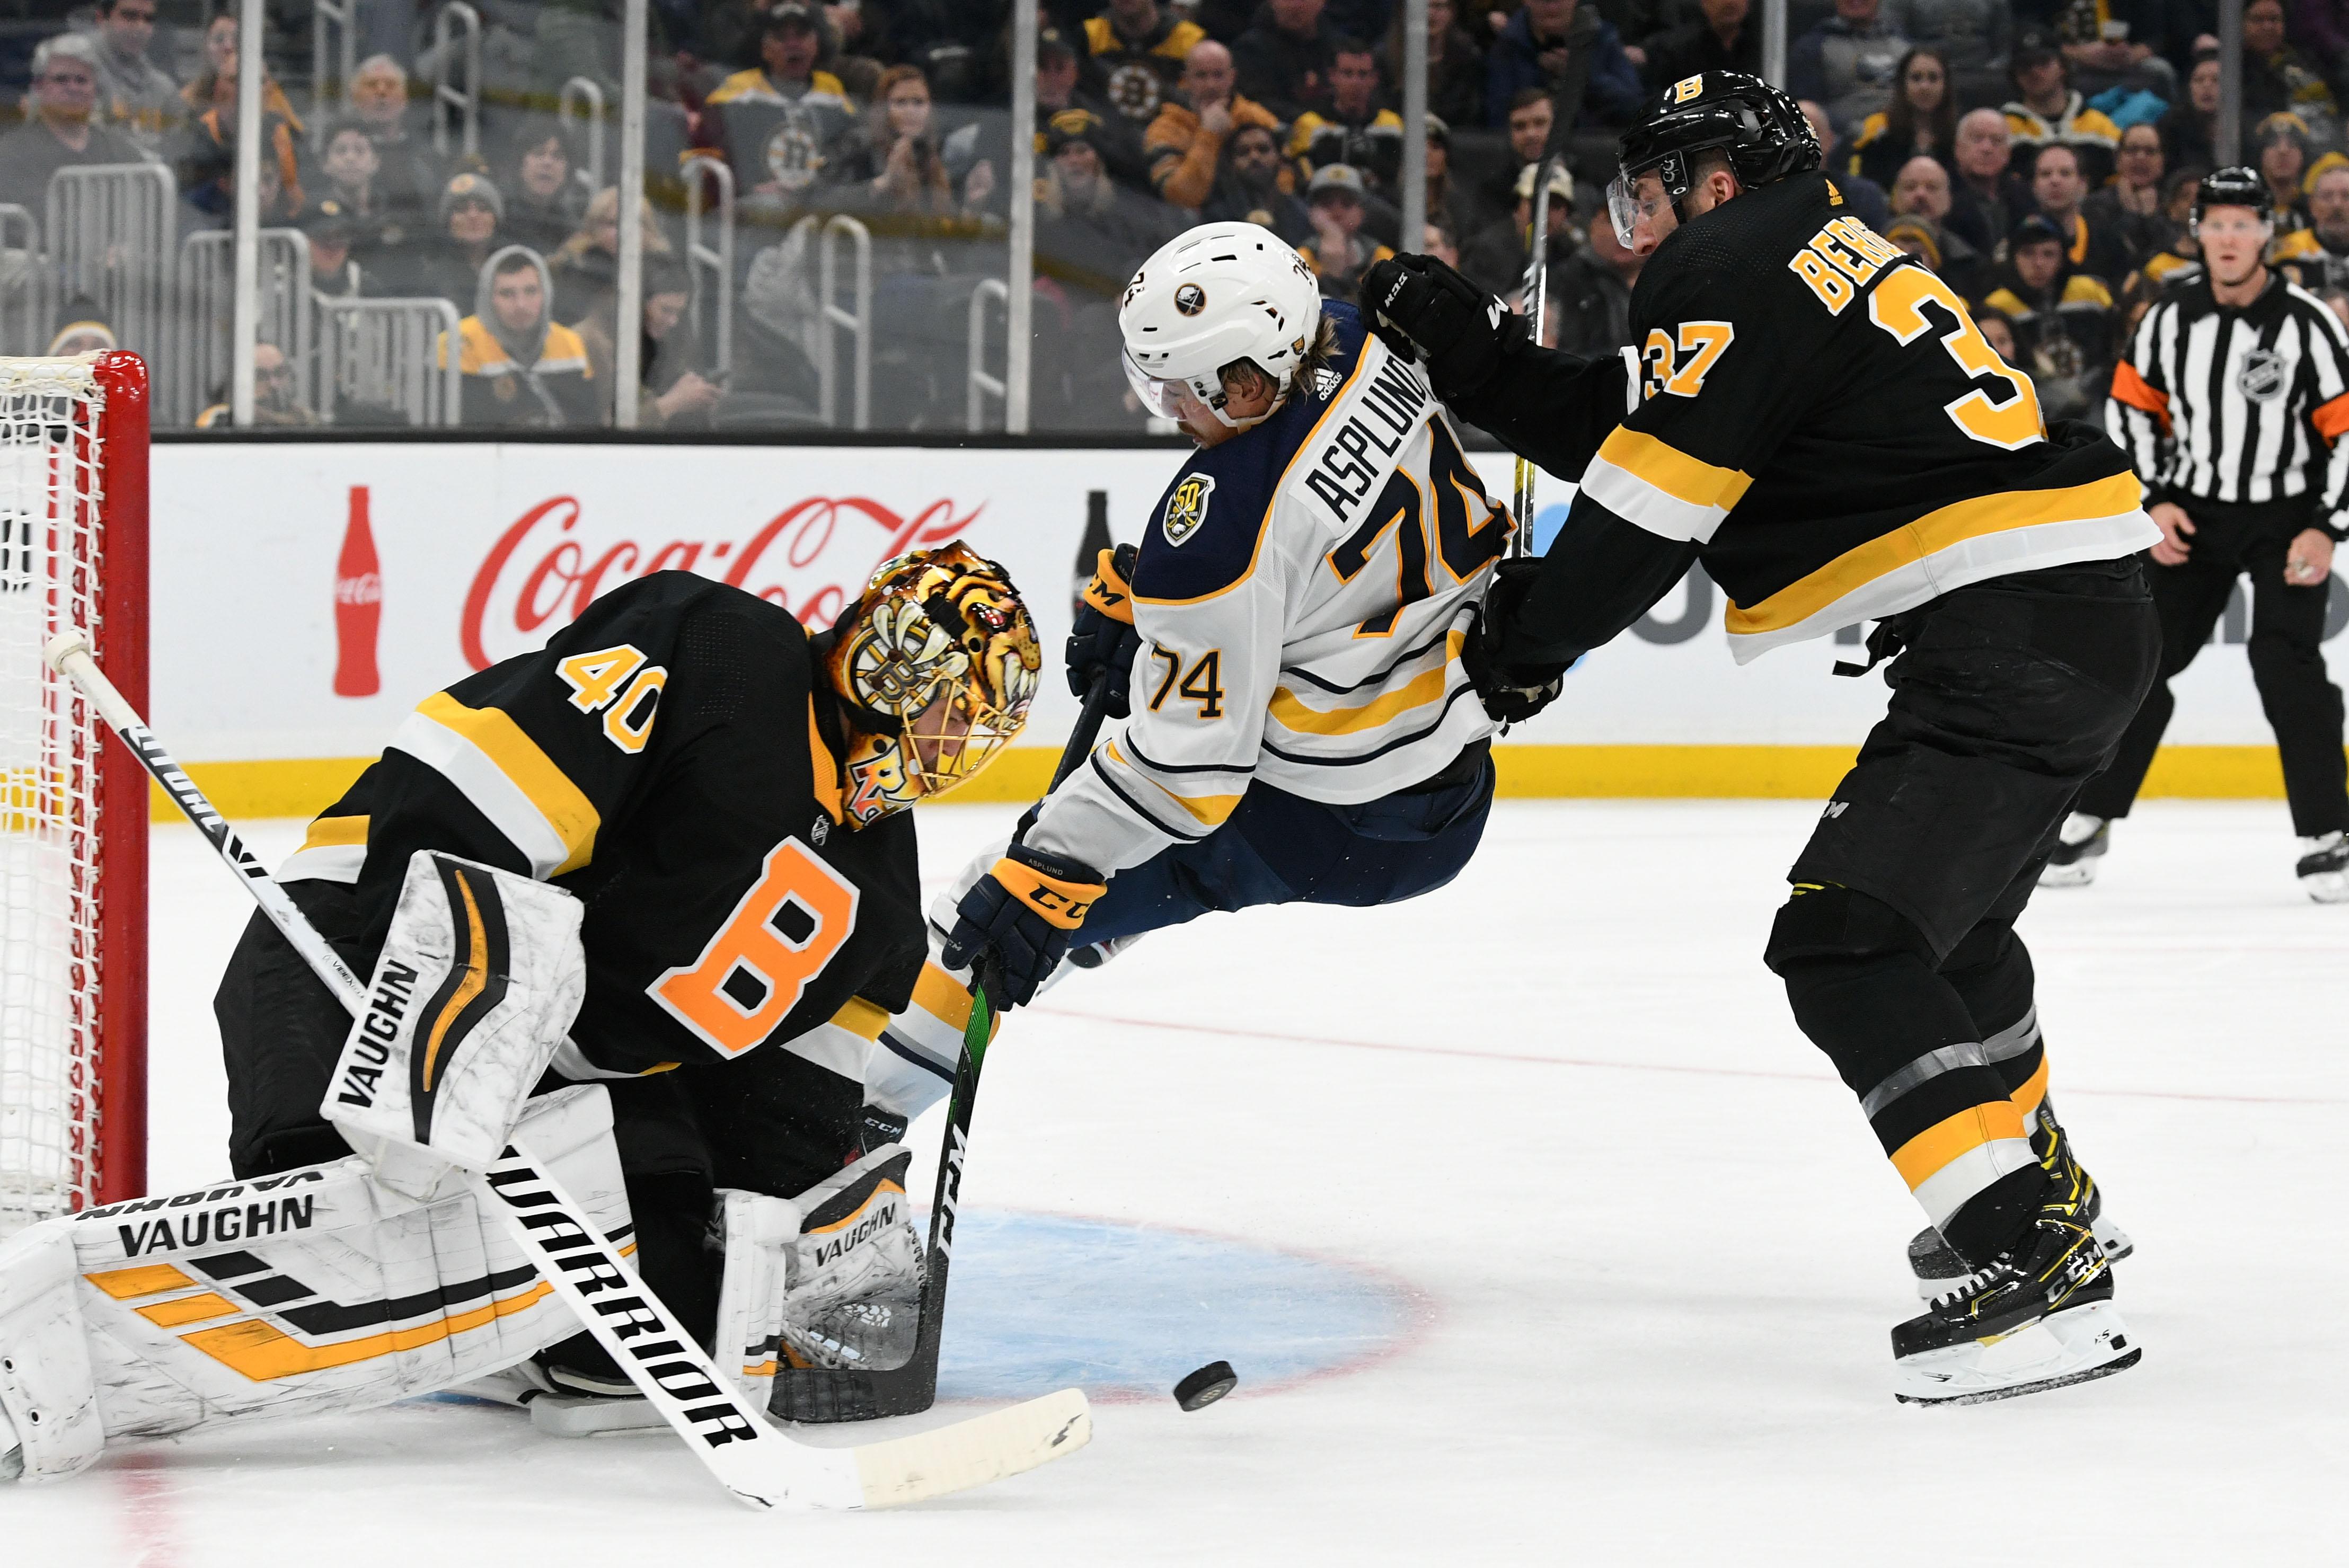 NHL: Buffalo Sabres at Boston Bruins